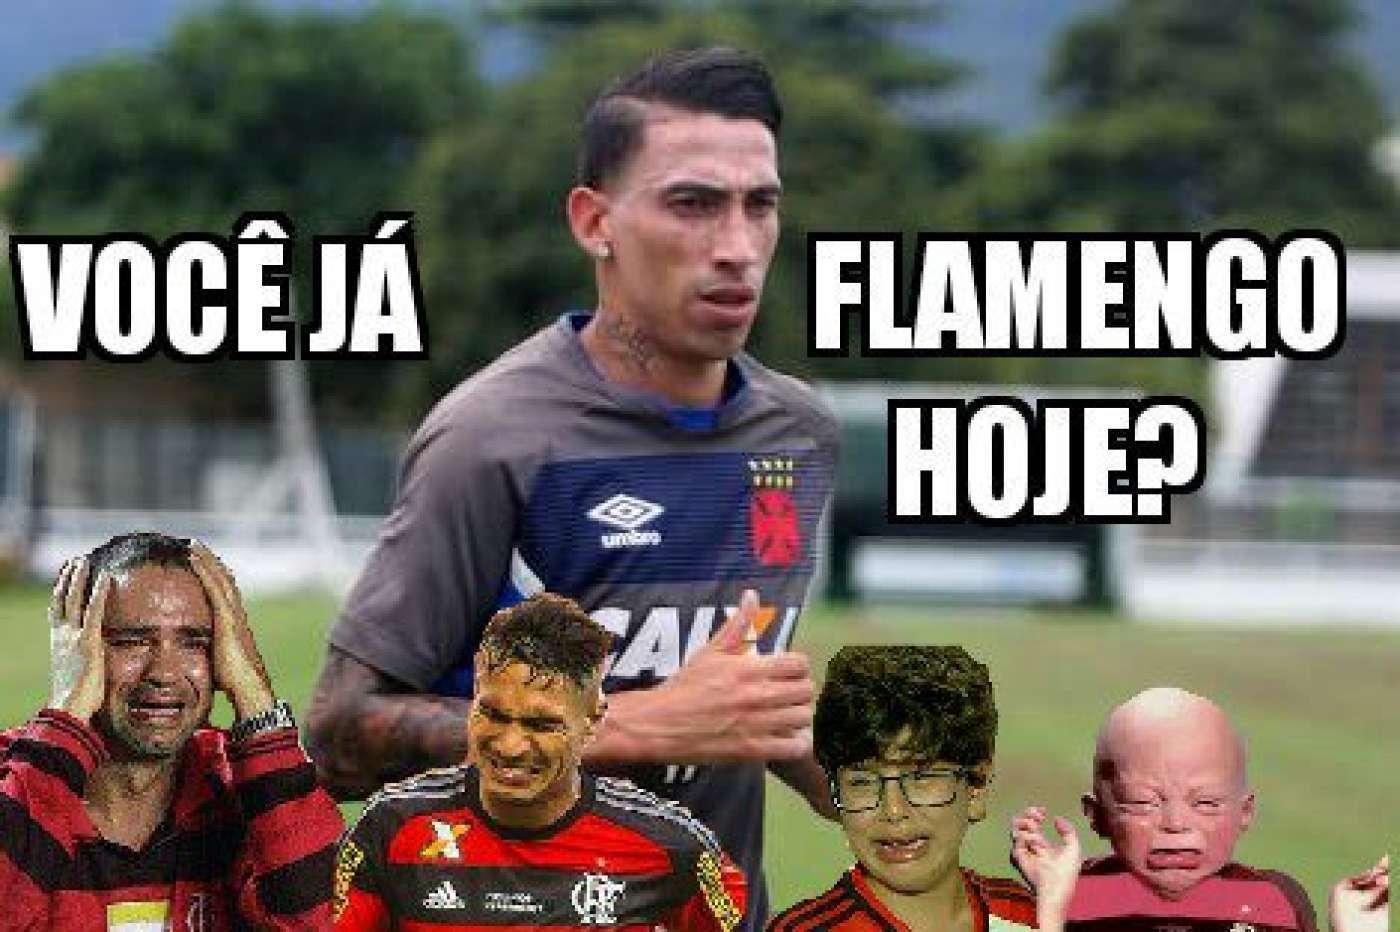 Memes invadem a Internet após eliminação do Flamengo e até ...